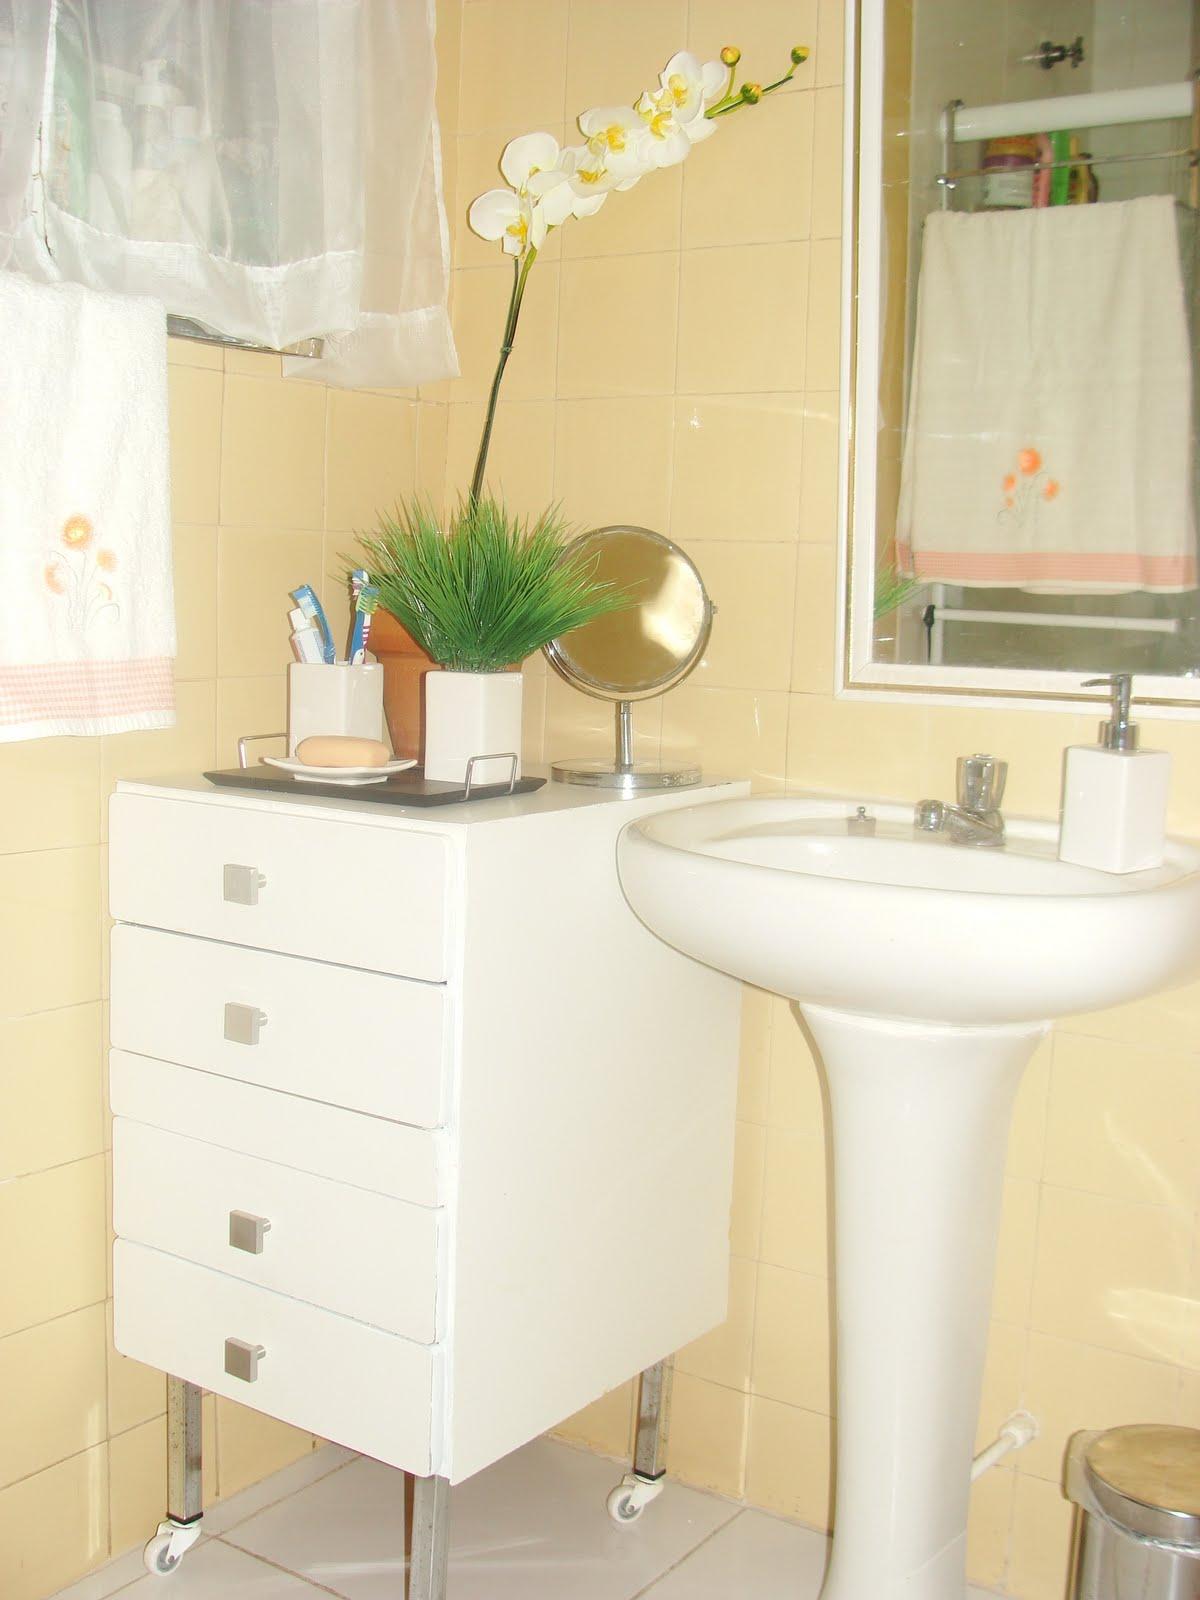 Olha o bonitinho aqui num cantinho do banheiro fazendo pose de  #A79324 1200 1600